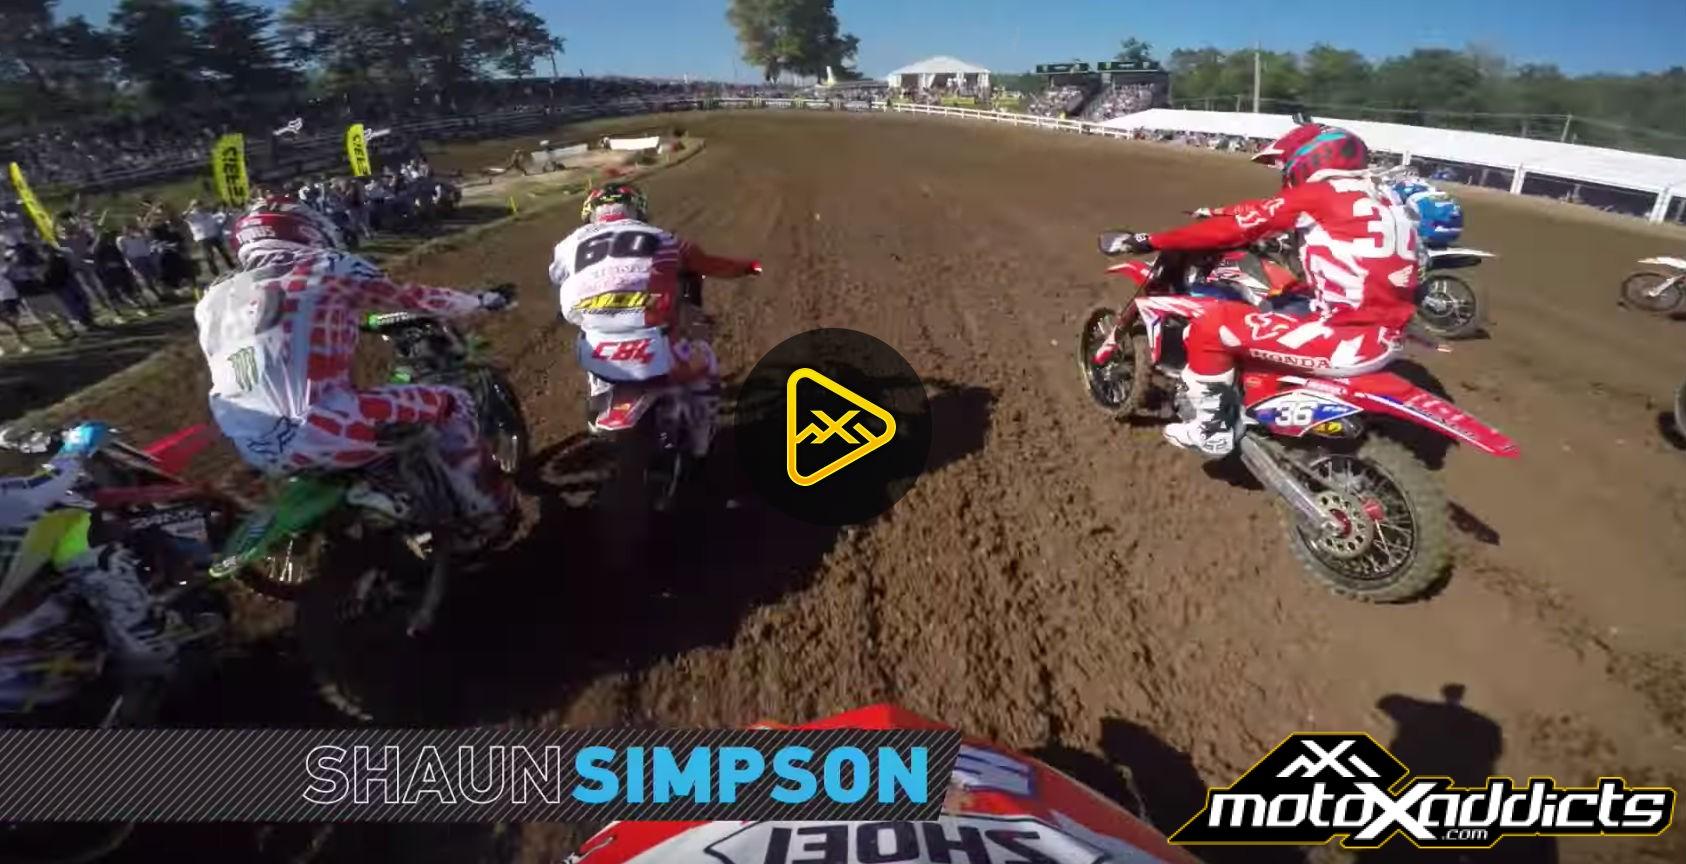 Helmet Cam: Shaun Simpson at 2016 MXoN